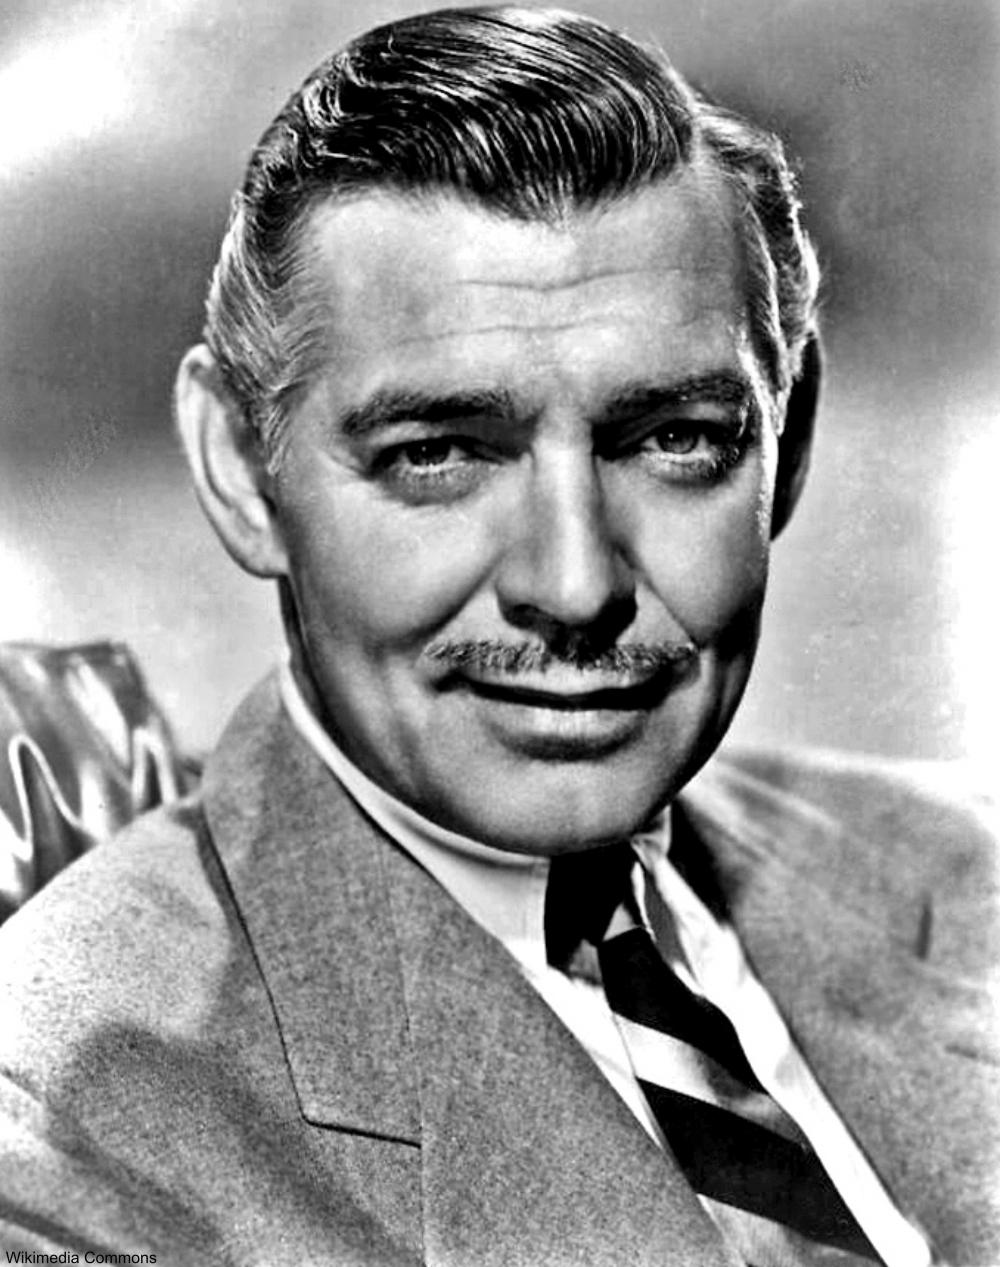 Clark Gable 1940